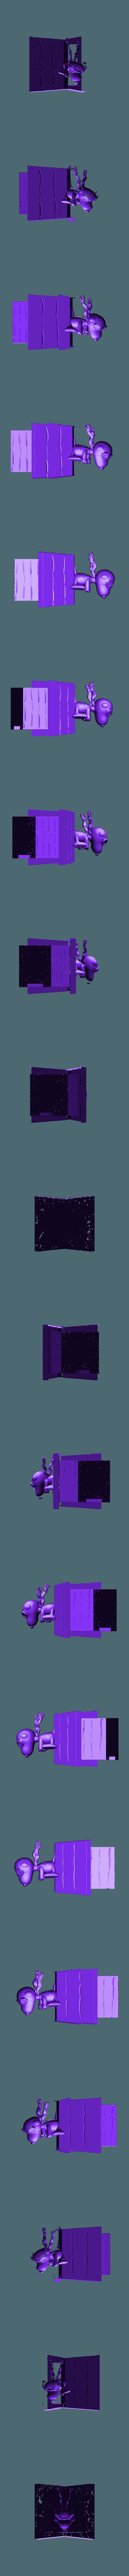 snoopy.stl Télécharger fichier STL gratuit Pilote Snoopy - Figurine Baron Rouge • Objet à imprimer en 3D, ChaosCoreTech